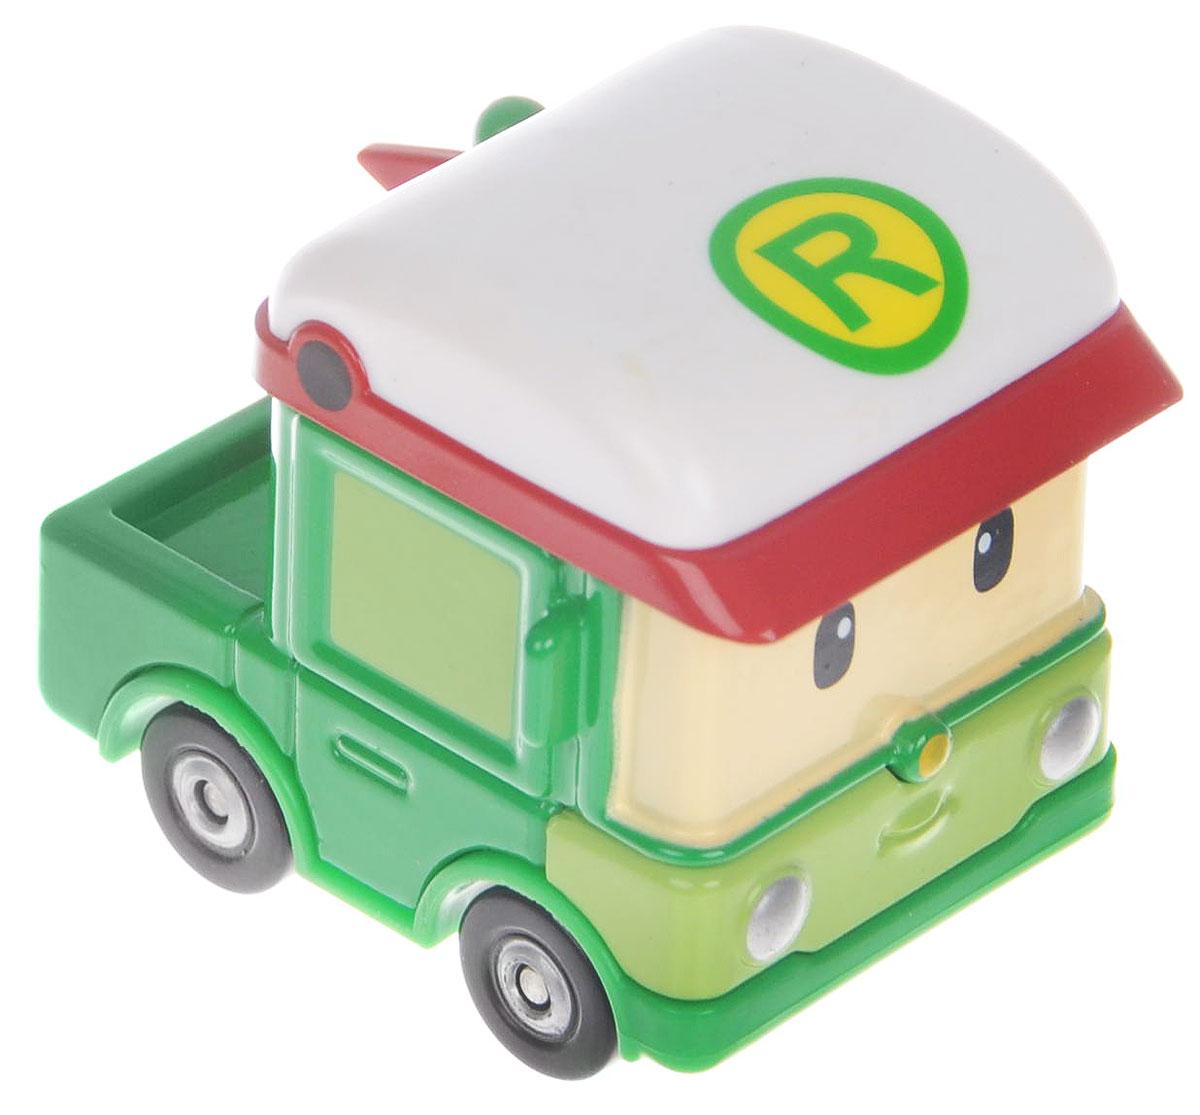 Robocar Poli Машинка Роди83255Яркая игрушка Poli Машинка Роди непременно понравится вашему малышу. Она выполнена из металла с элементами пластика в виде машинки Роди - персонажа популярного мультсериала Robocar Poli. Роди оснащен колесиками со свободным ходом, позволяющими катать машинку. Благодаря небольшому размеру ребенок сможет взять игрушку с собой на прогулку, в поездку или в гости. Порадуйте своего малыша таким замечательным подарком!